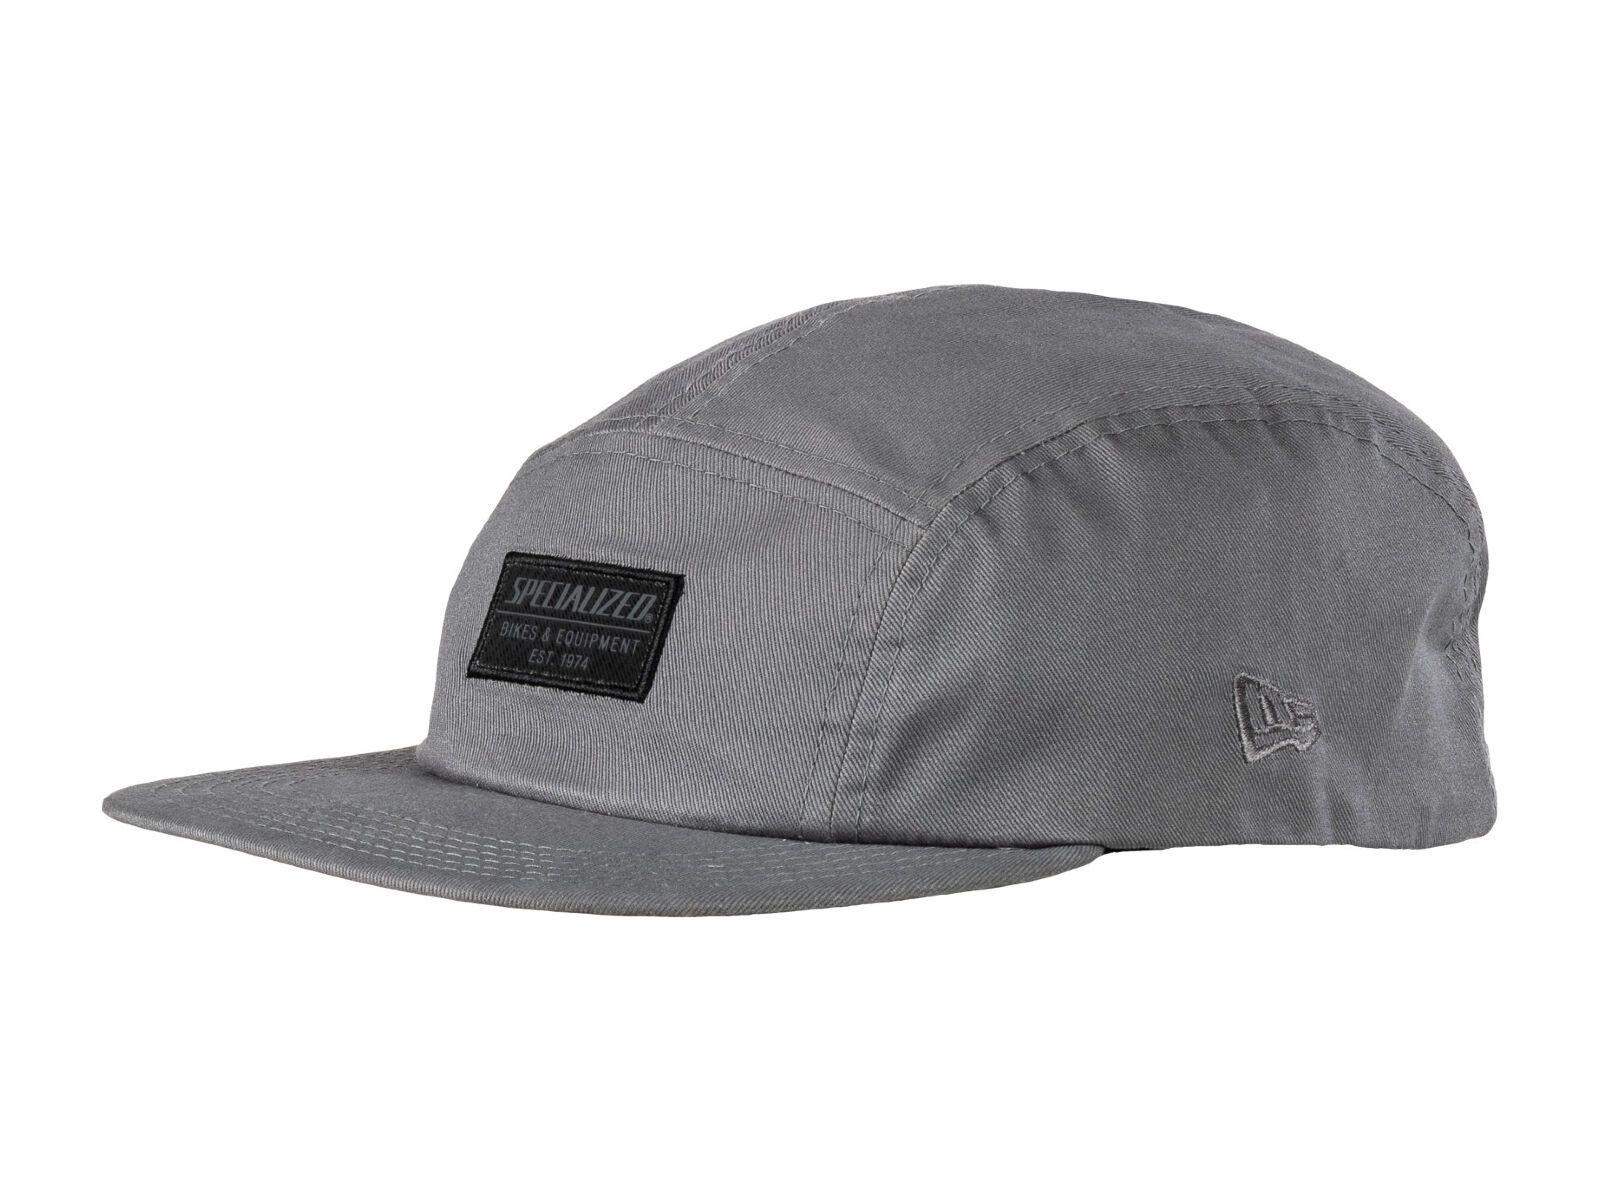 Specialized New Era 5 Panel Hat Specialized smoke 64821-2010